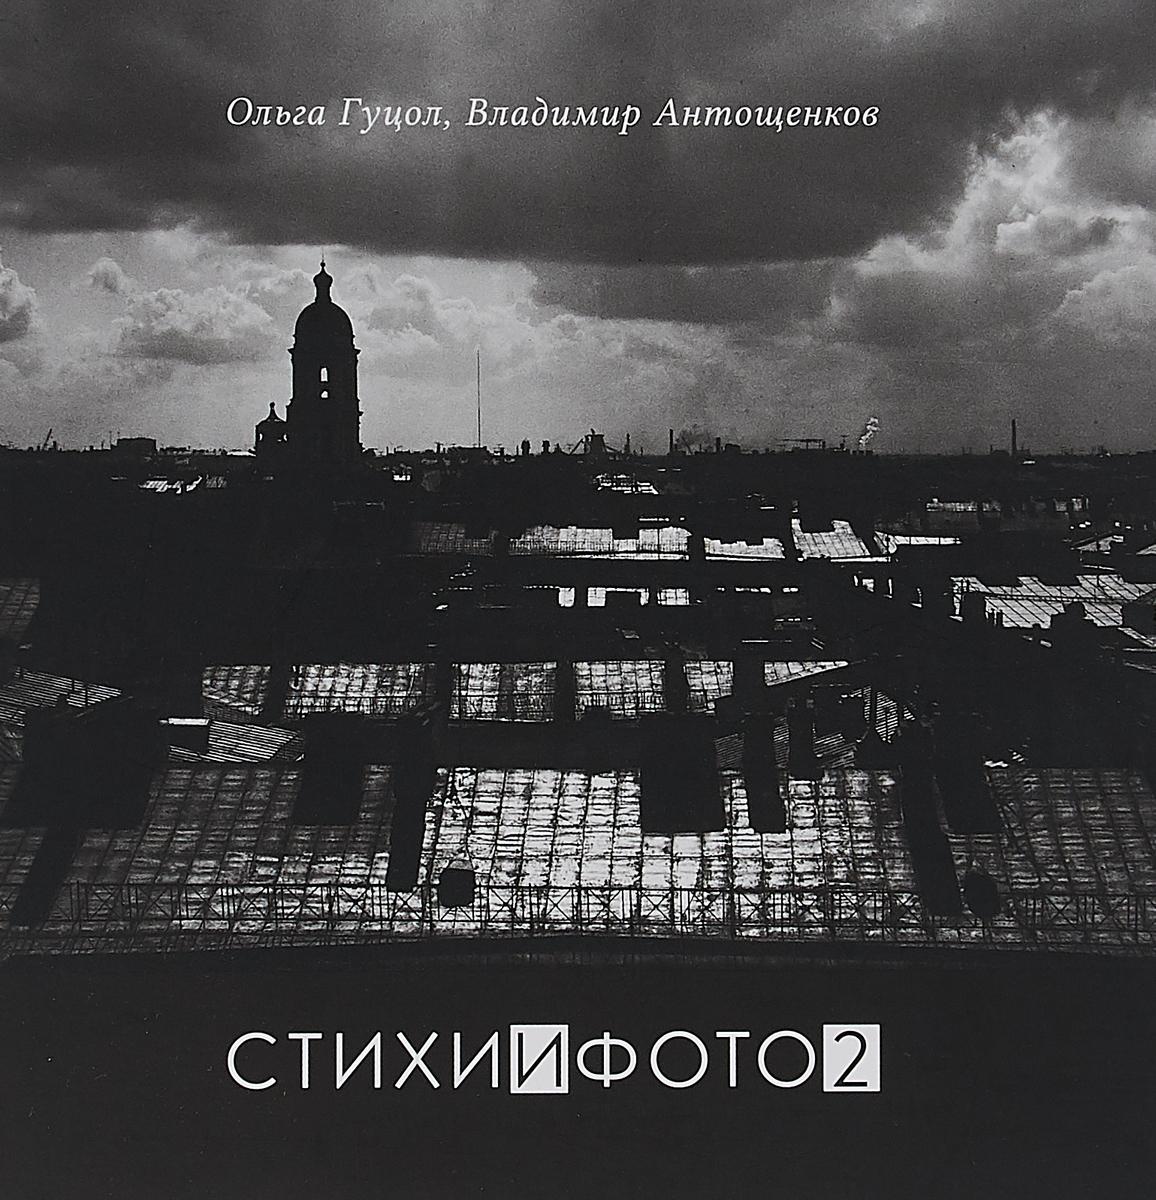 О. Гуцол , В.С. Антощенков Стихотворения. Фотографии. Фотоальбом